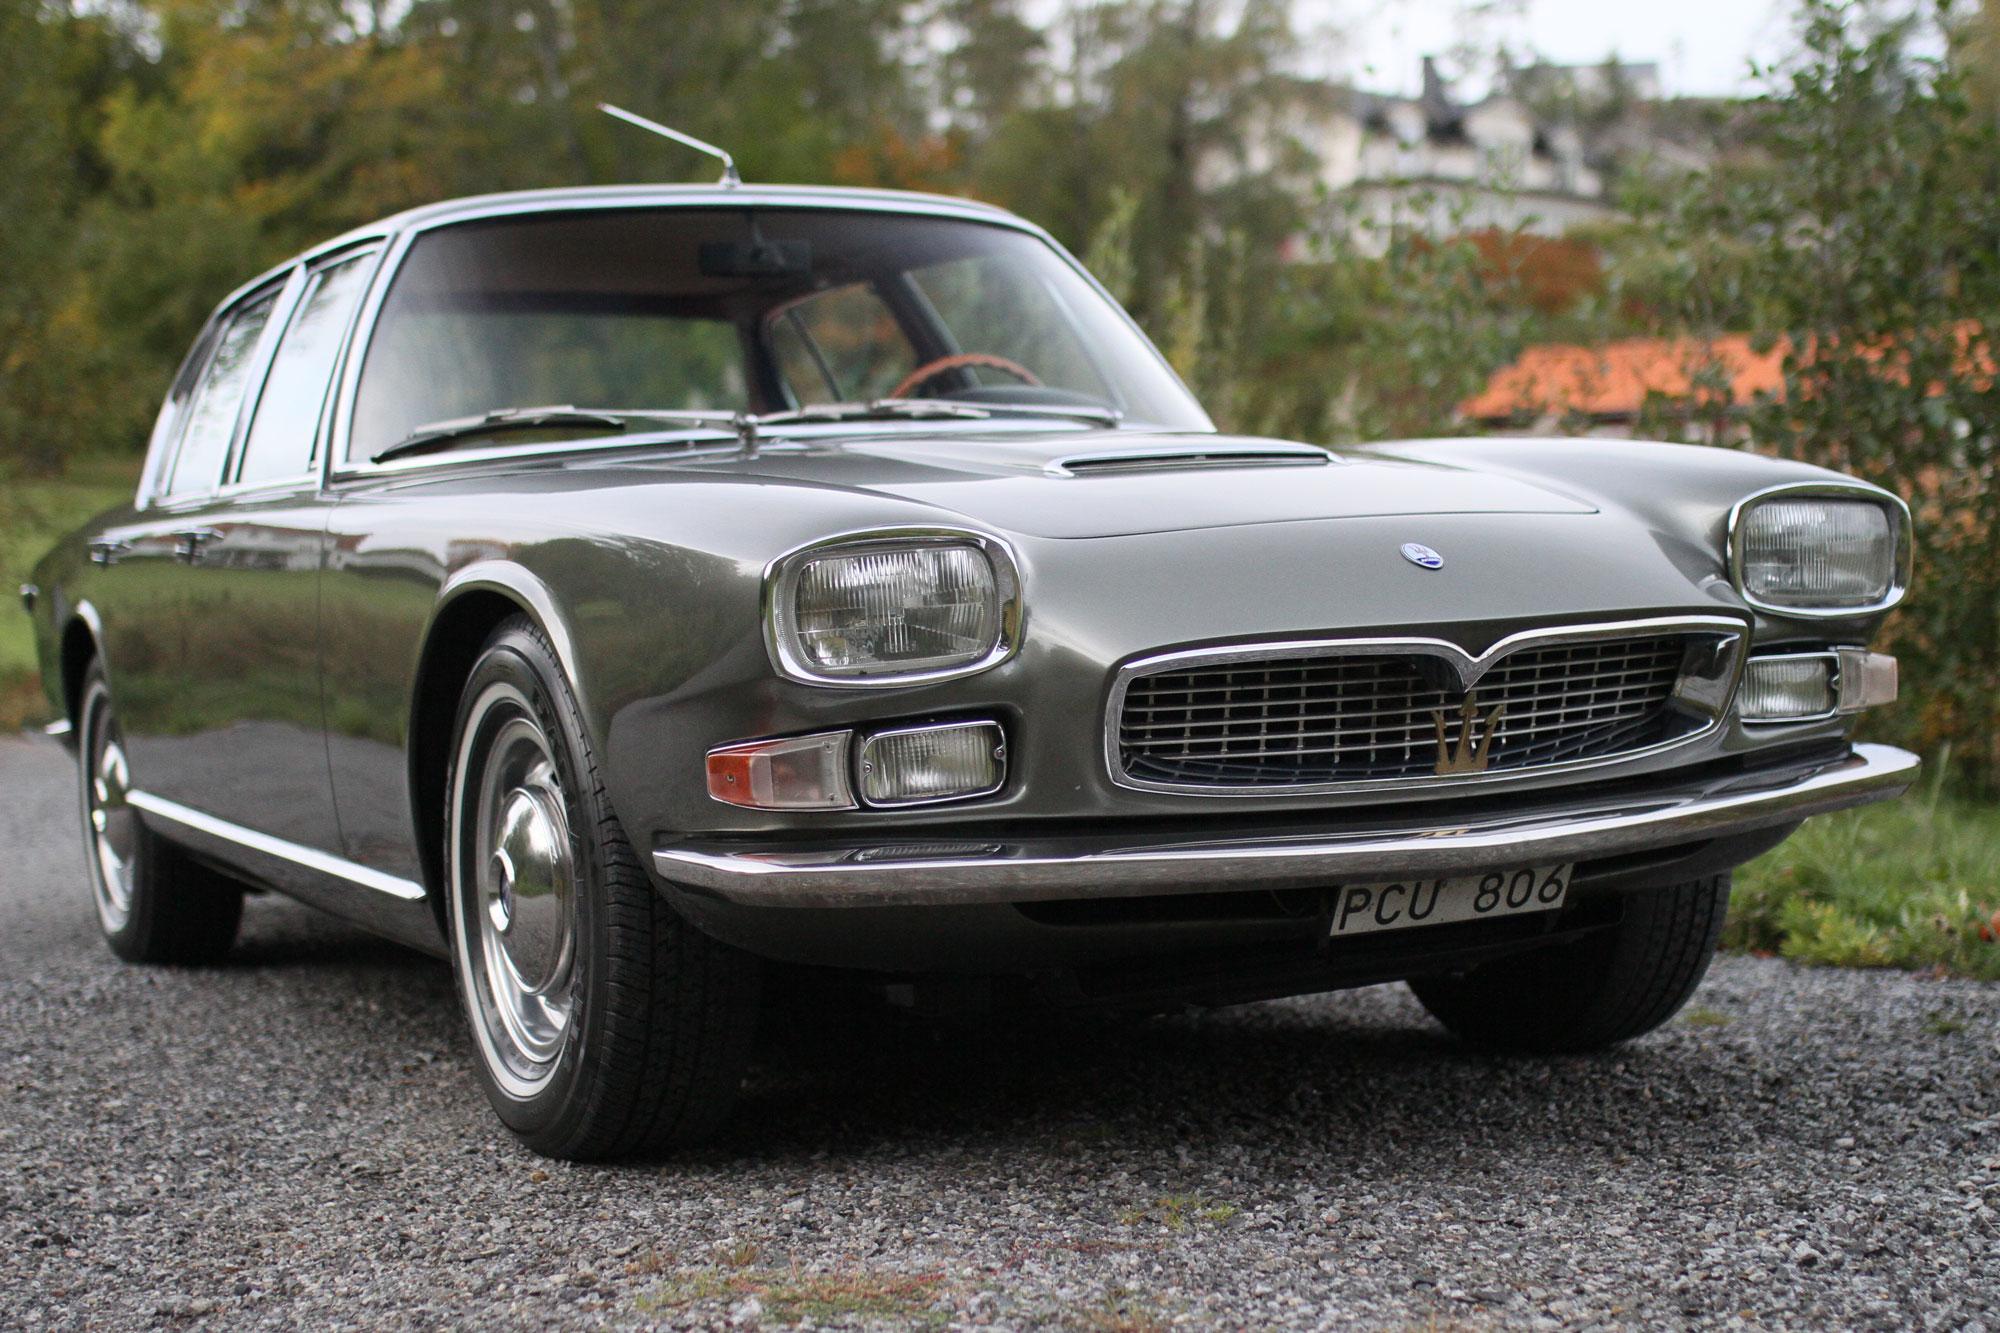 Maserati Quattroporte höger framifrån på en grusväg med ett tegeltak i bakgrunden. Fyrkantiga strålkastare